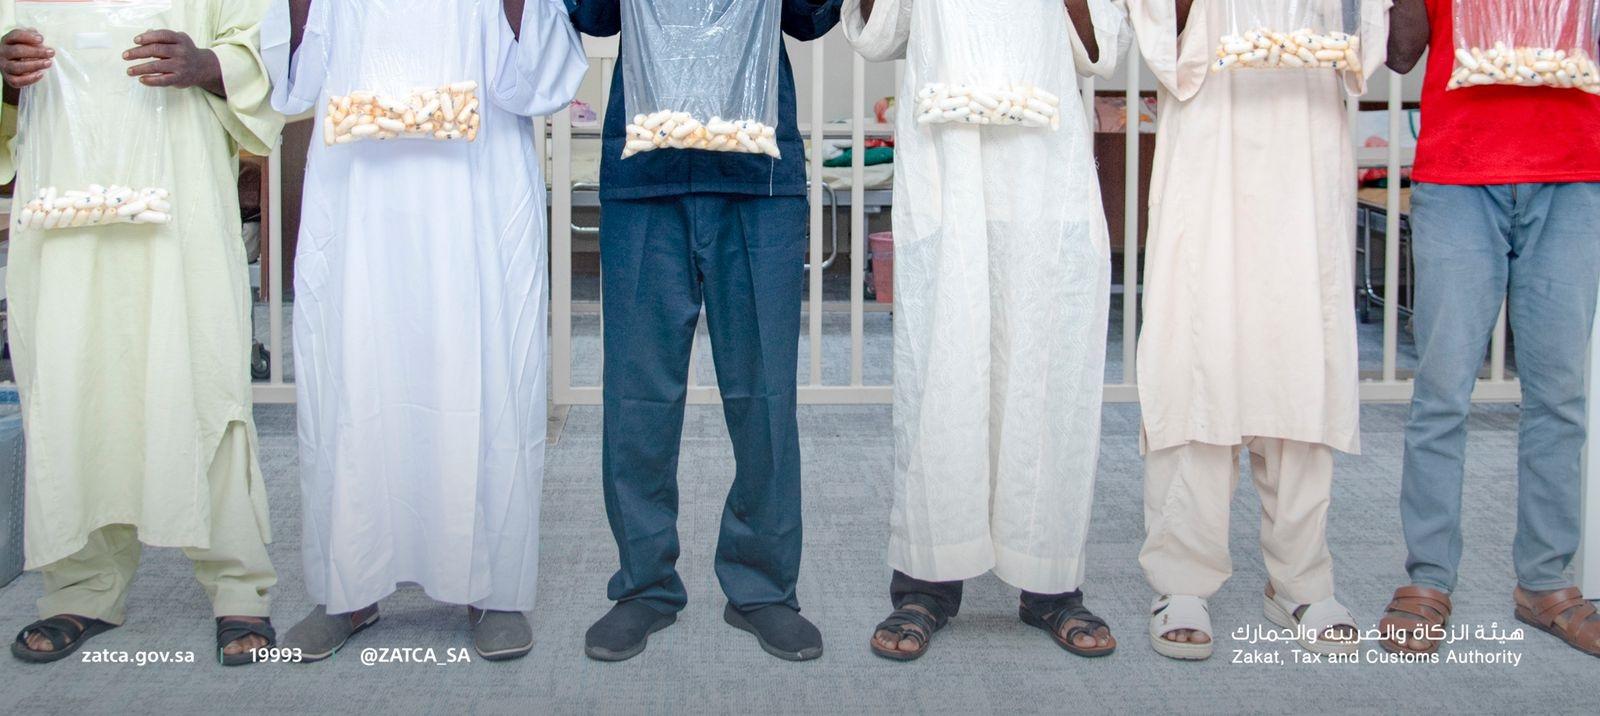 المتهمون بتهريب مخدرات - الصورة من موقع هيئة الجمارك السعودية